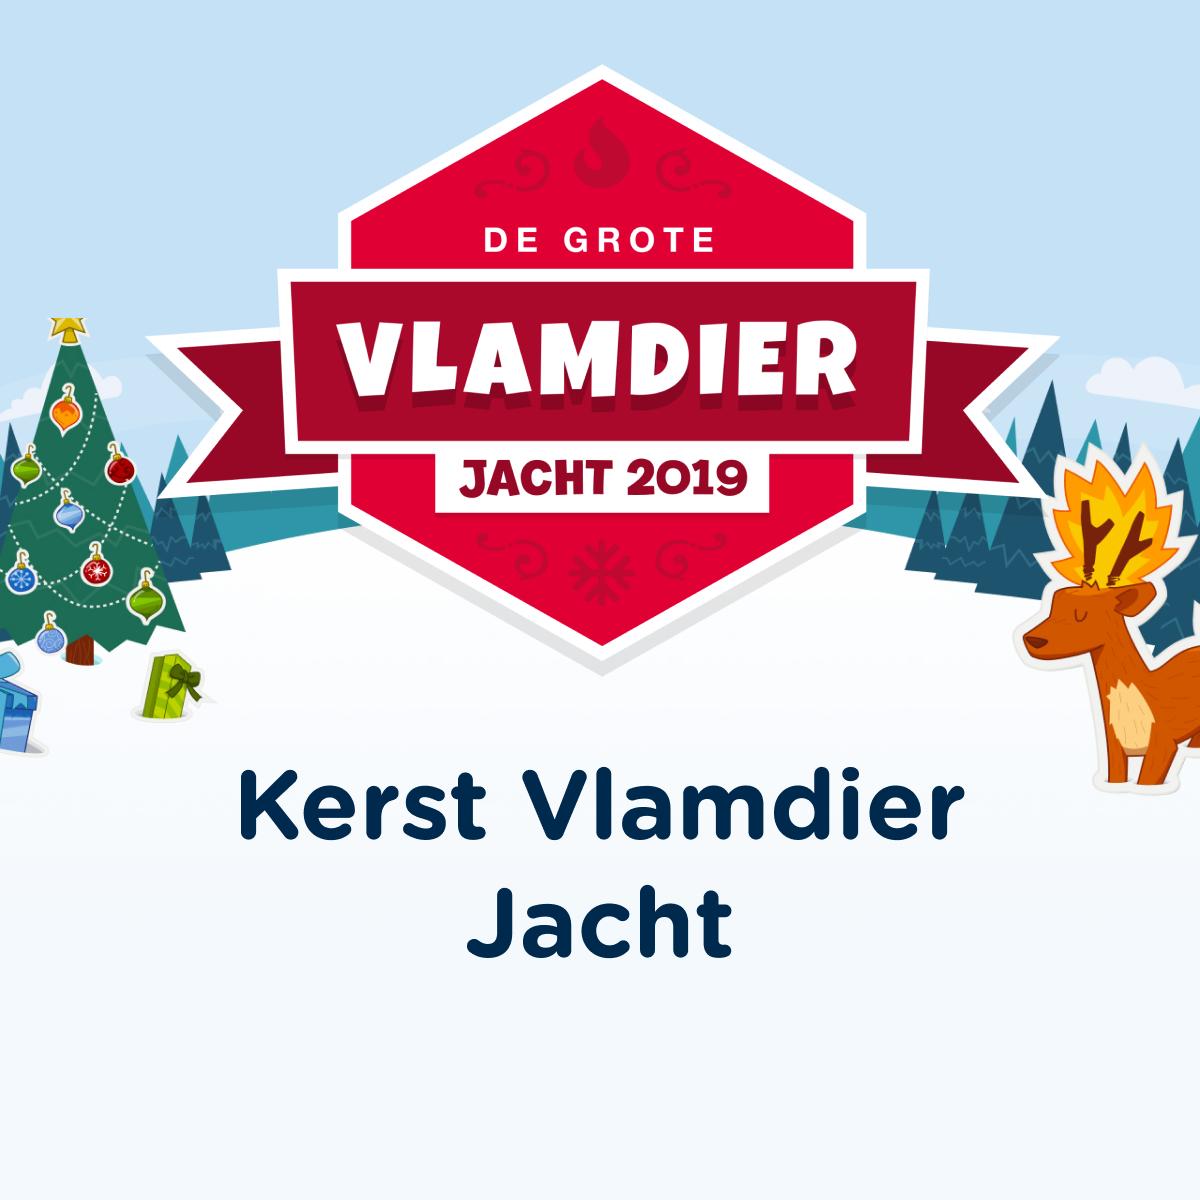 De Grote Vlamdier Jacht 2019 - win vlamtastische prijzen!